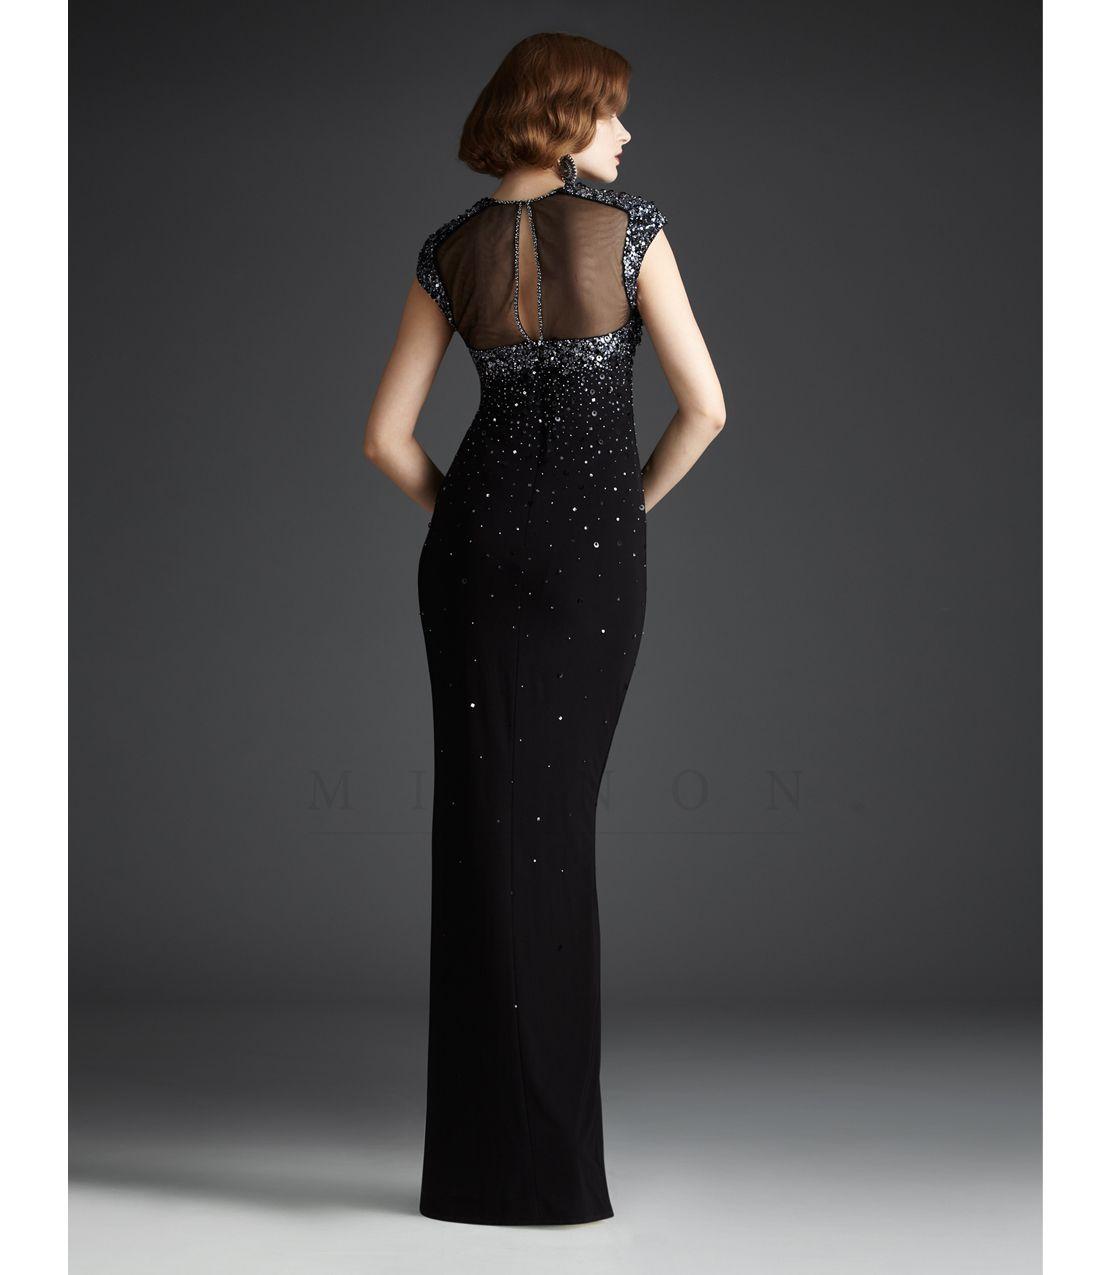 Unique vintage vintage prom unique vintage and retro dress